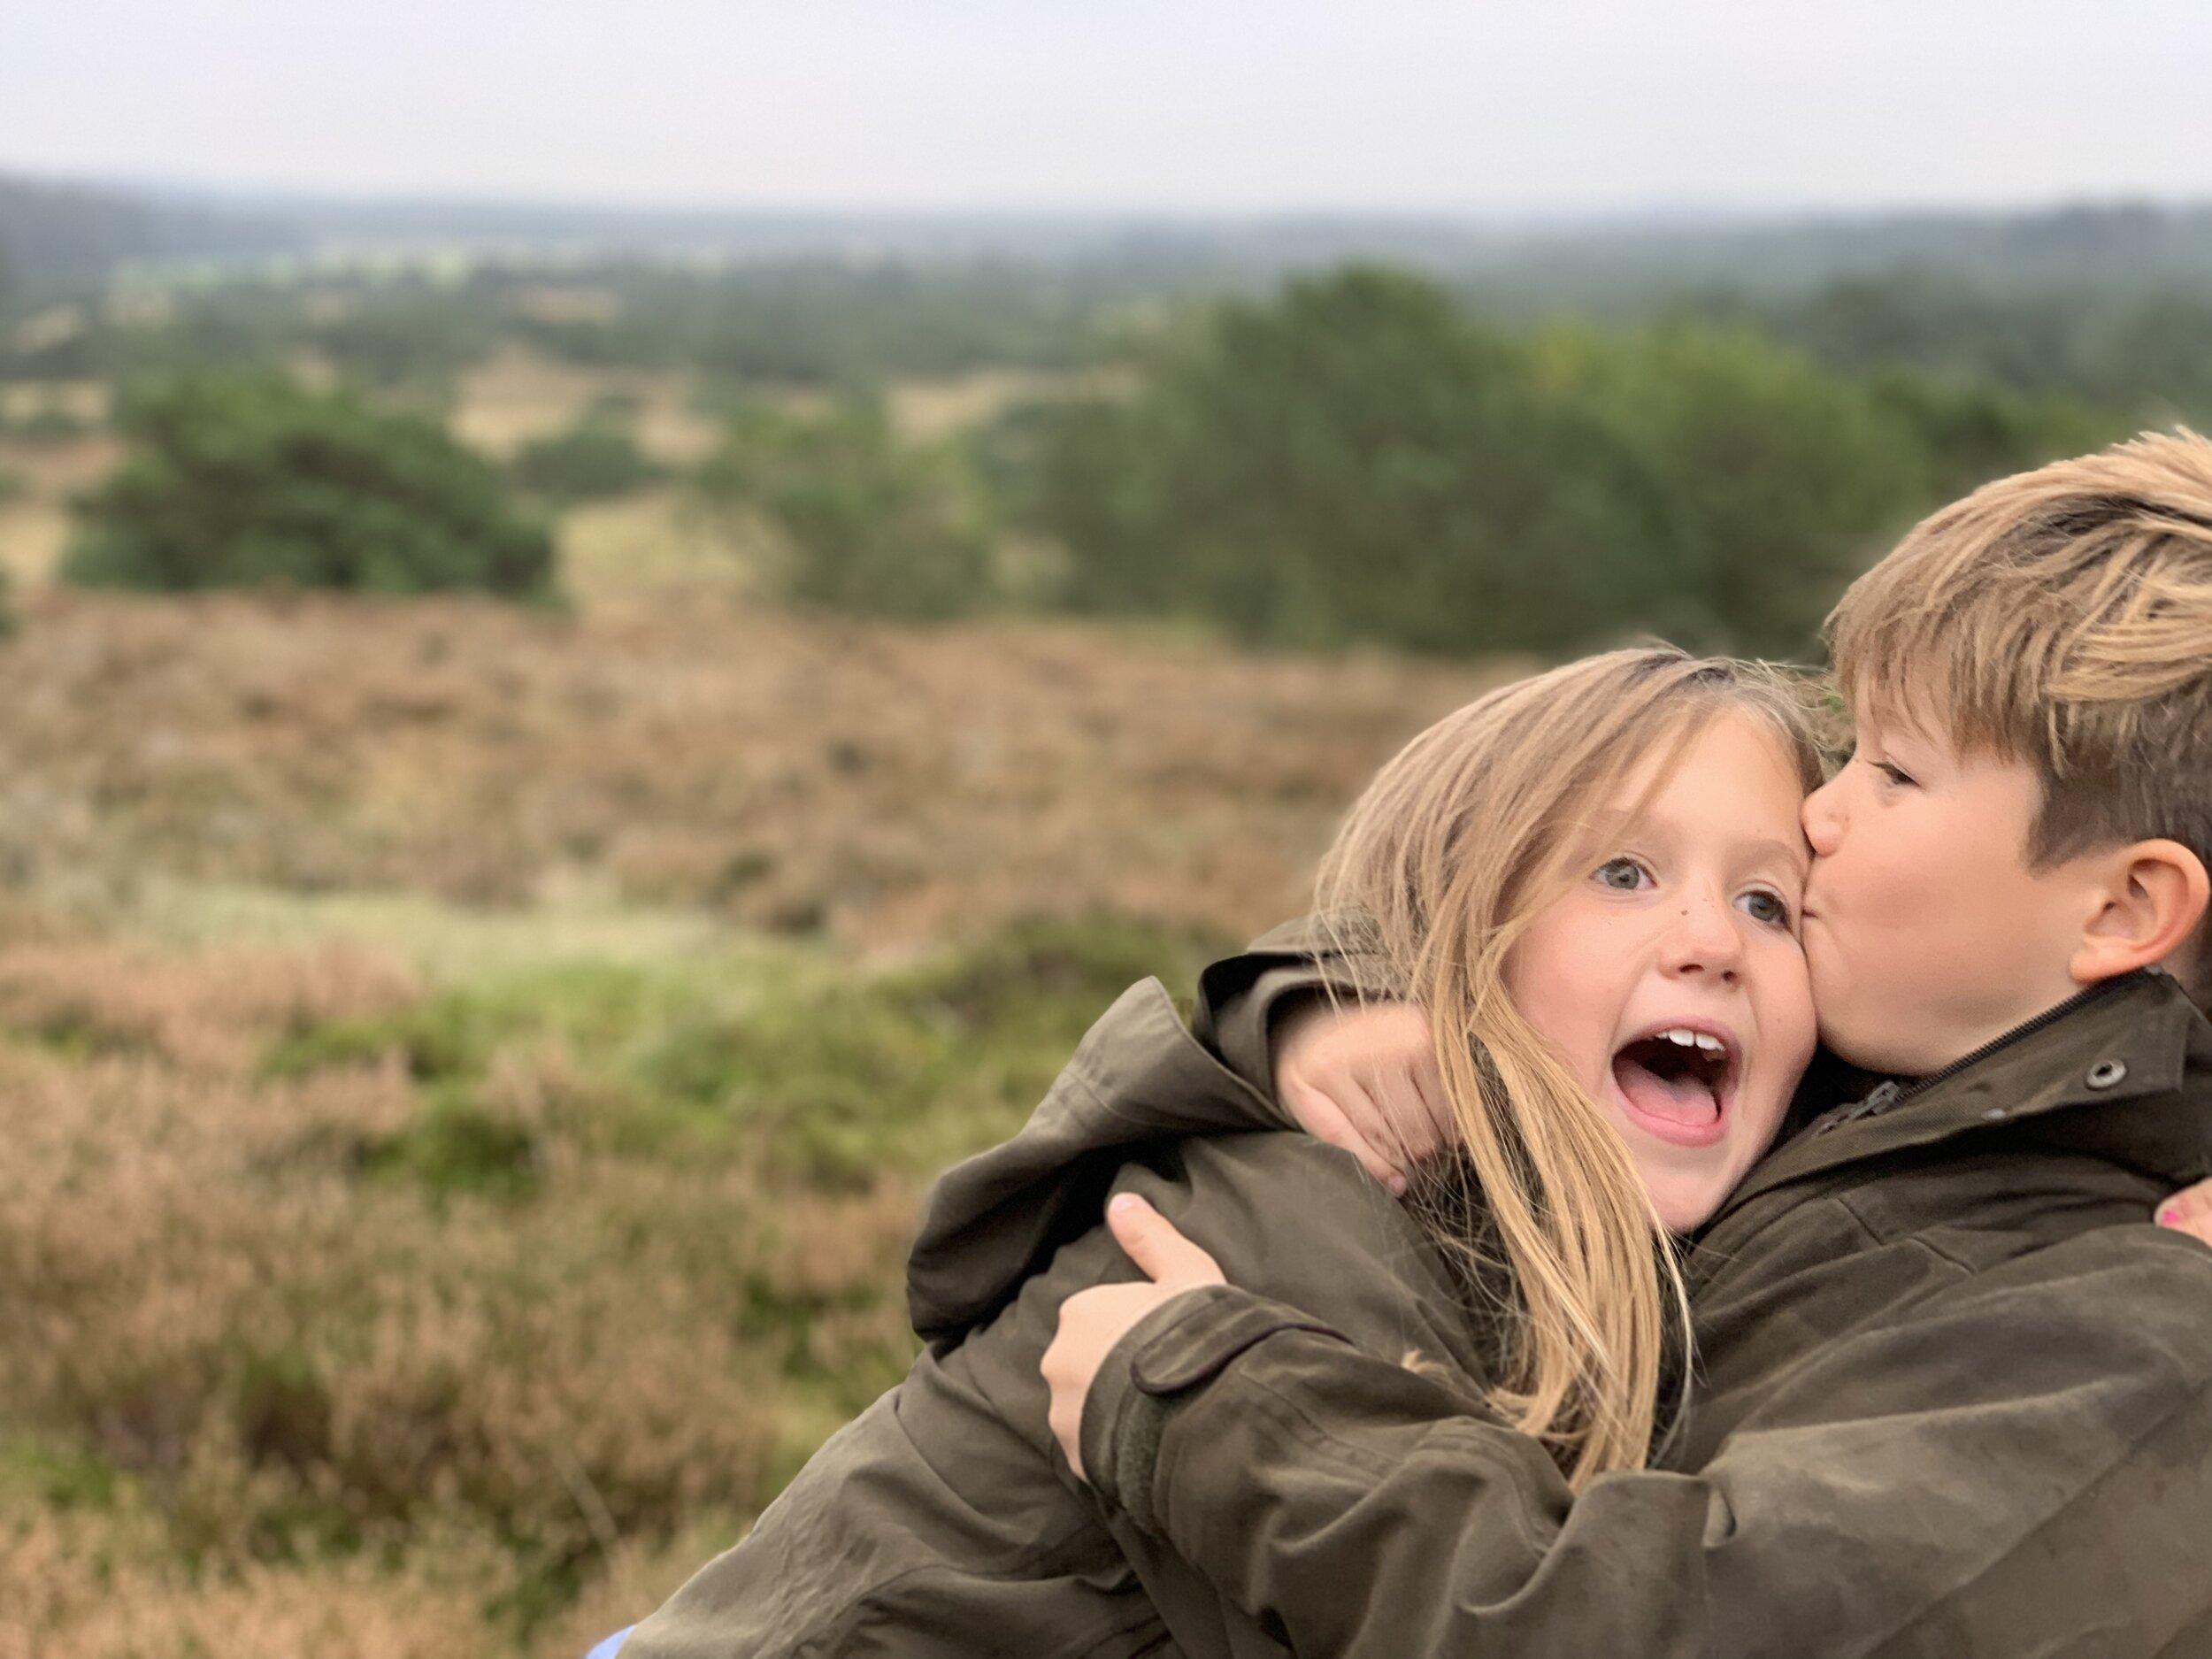 Prinz Vincent gibt seiner Schwester ein Küsschen. Josephine ist übrigens 26 Minuten jünger als ihr Bruder.  © Kronprinzessin Mary